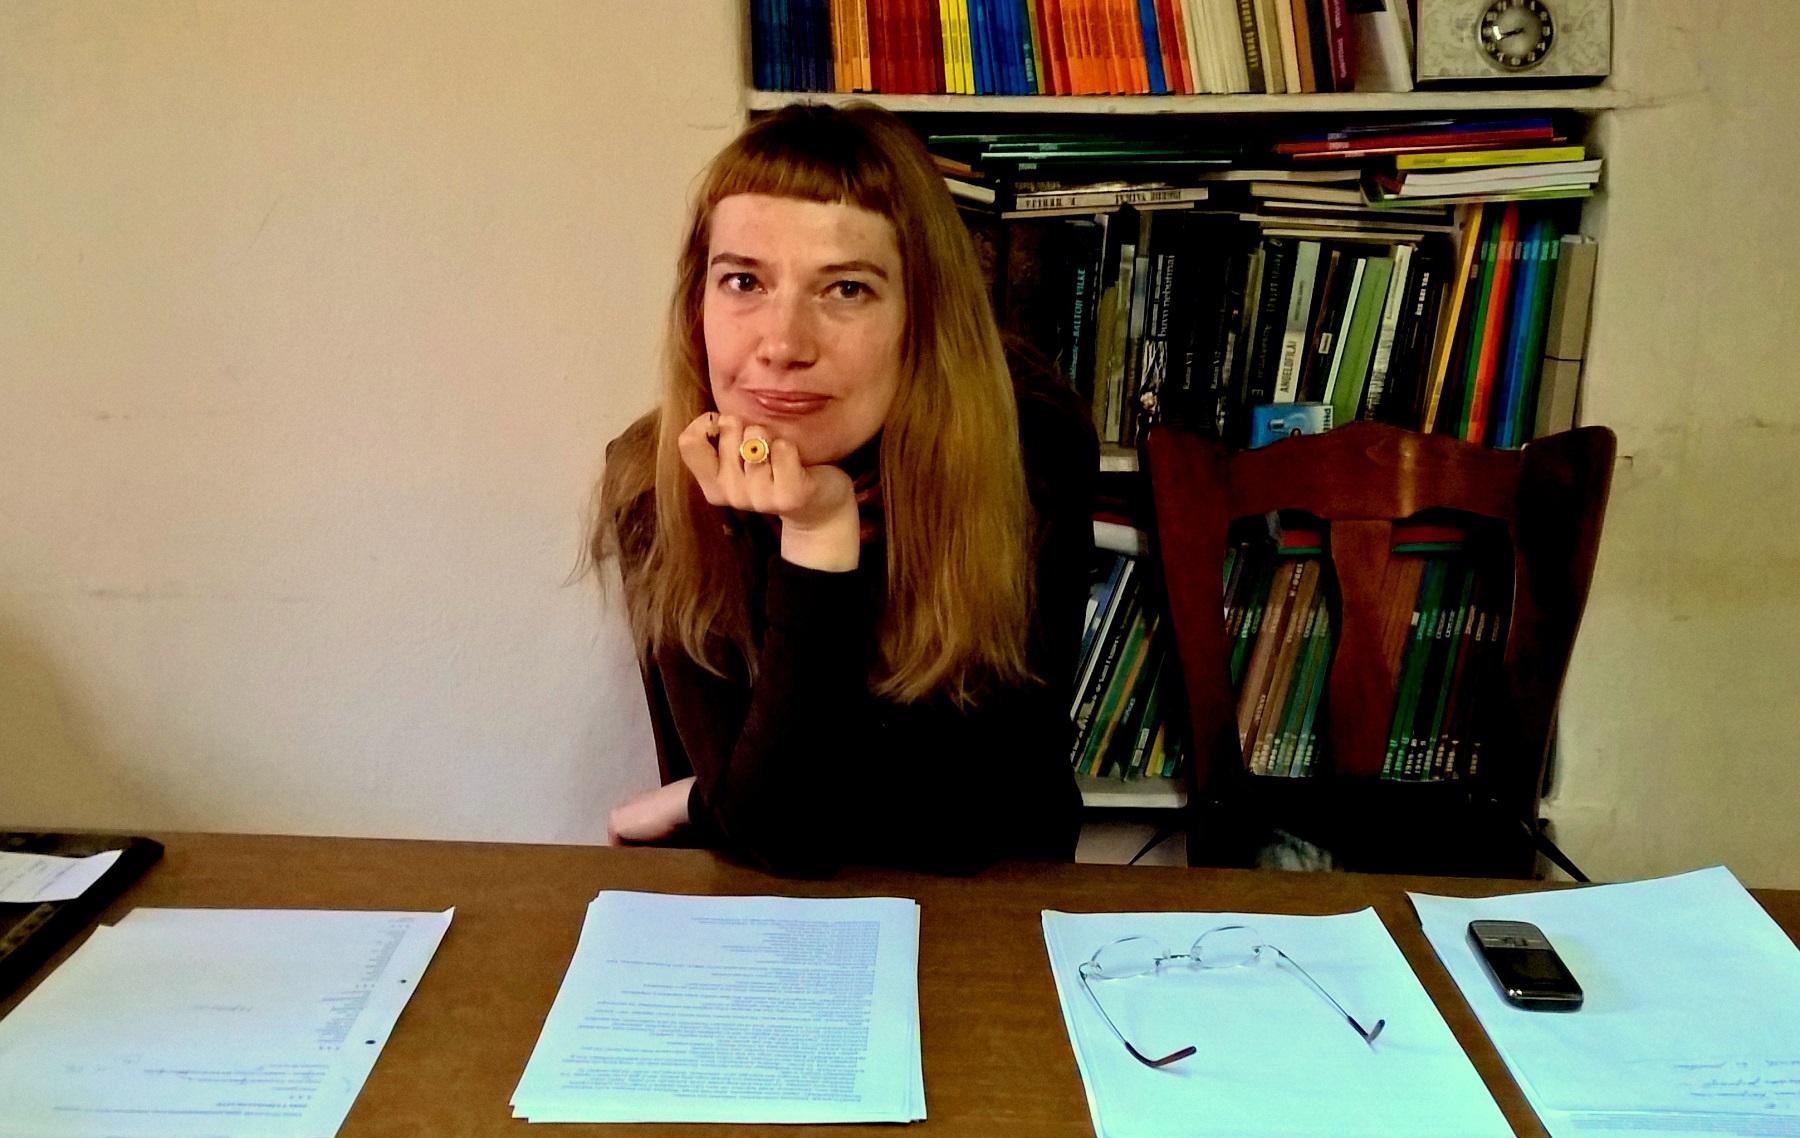 Pasak rašytojos L. S. Černiauskaitės, popierinės knygos vis dar populiarios, nes patiriame jas visomis juslėmis – ne tik regime, bet ir liečiame, uodžiame, girdime.